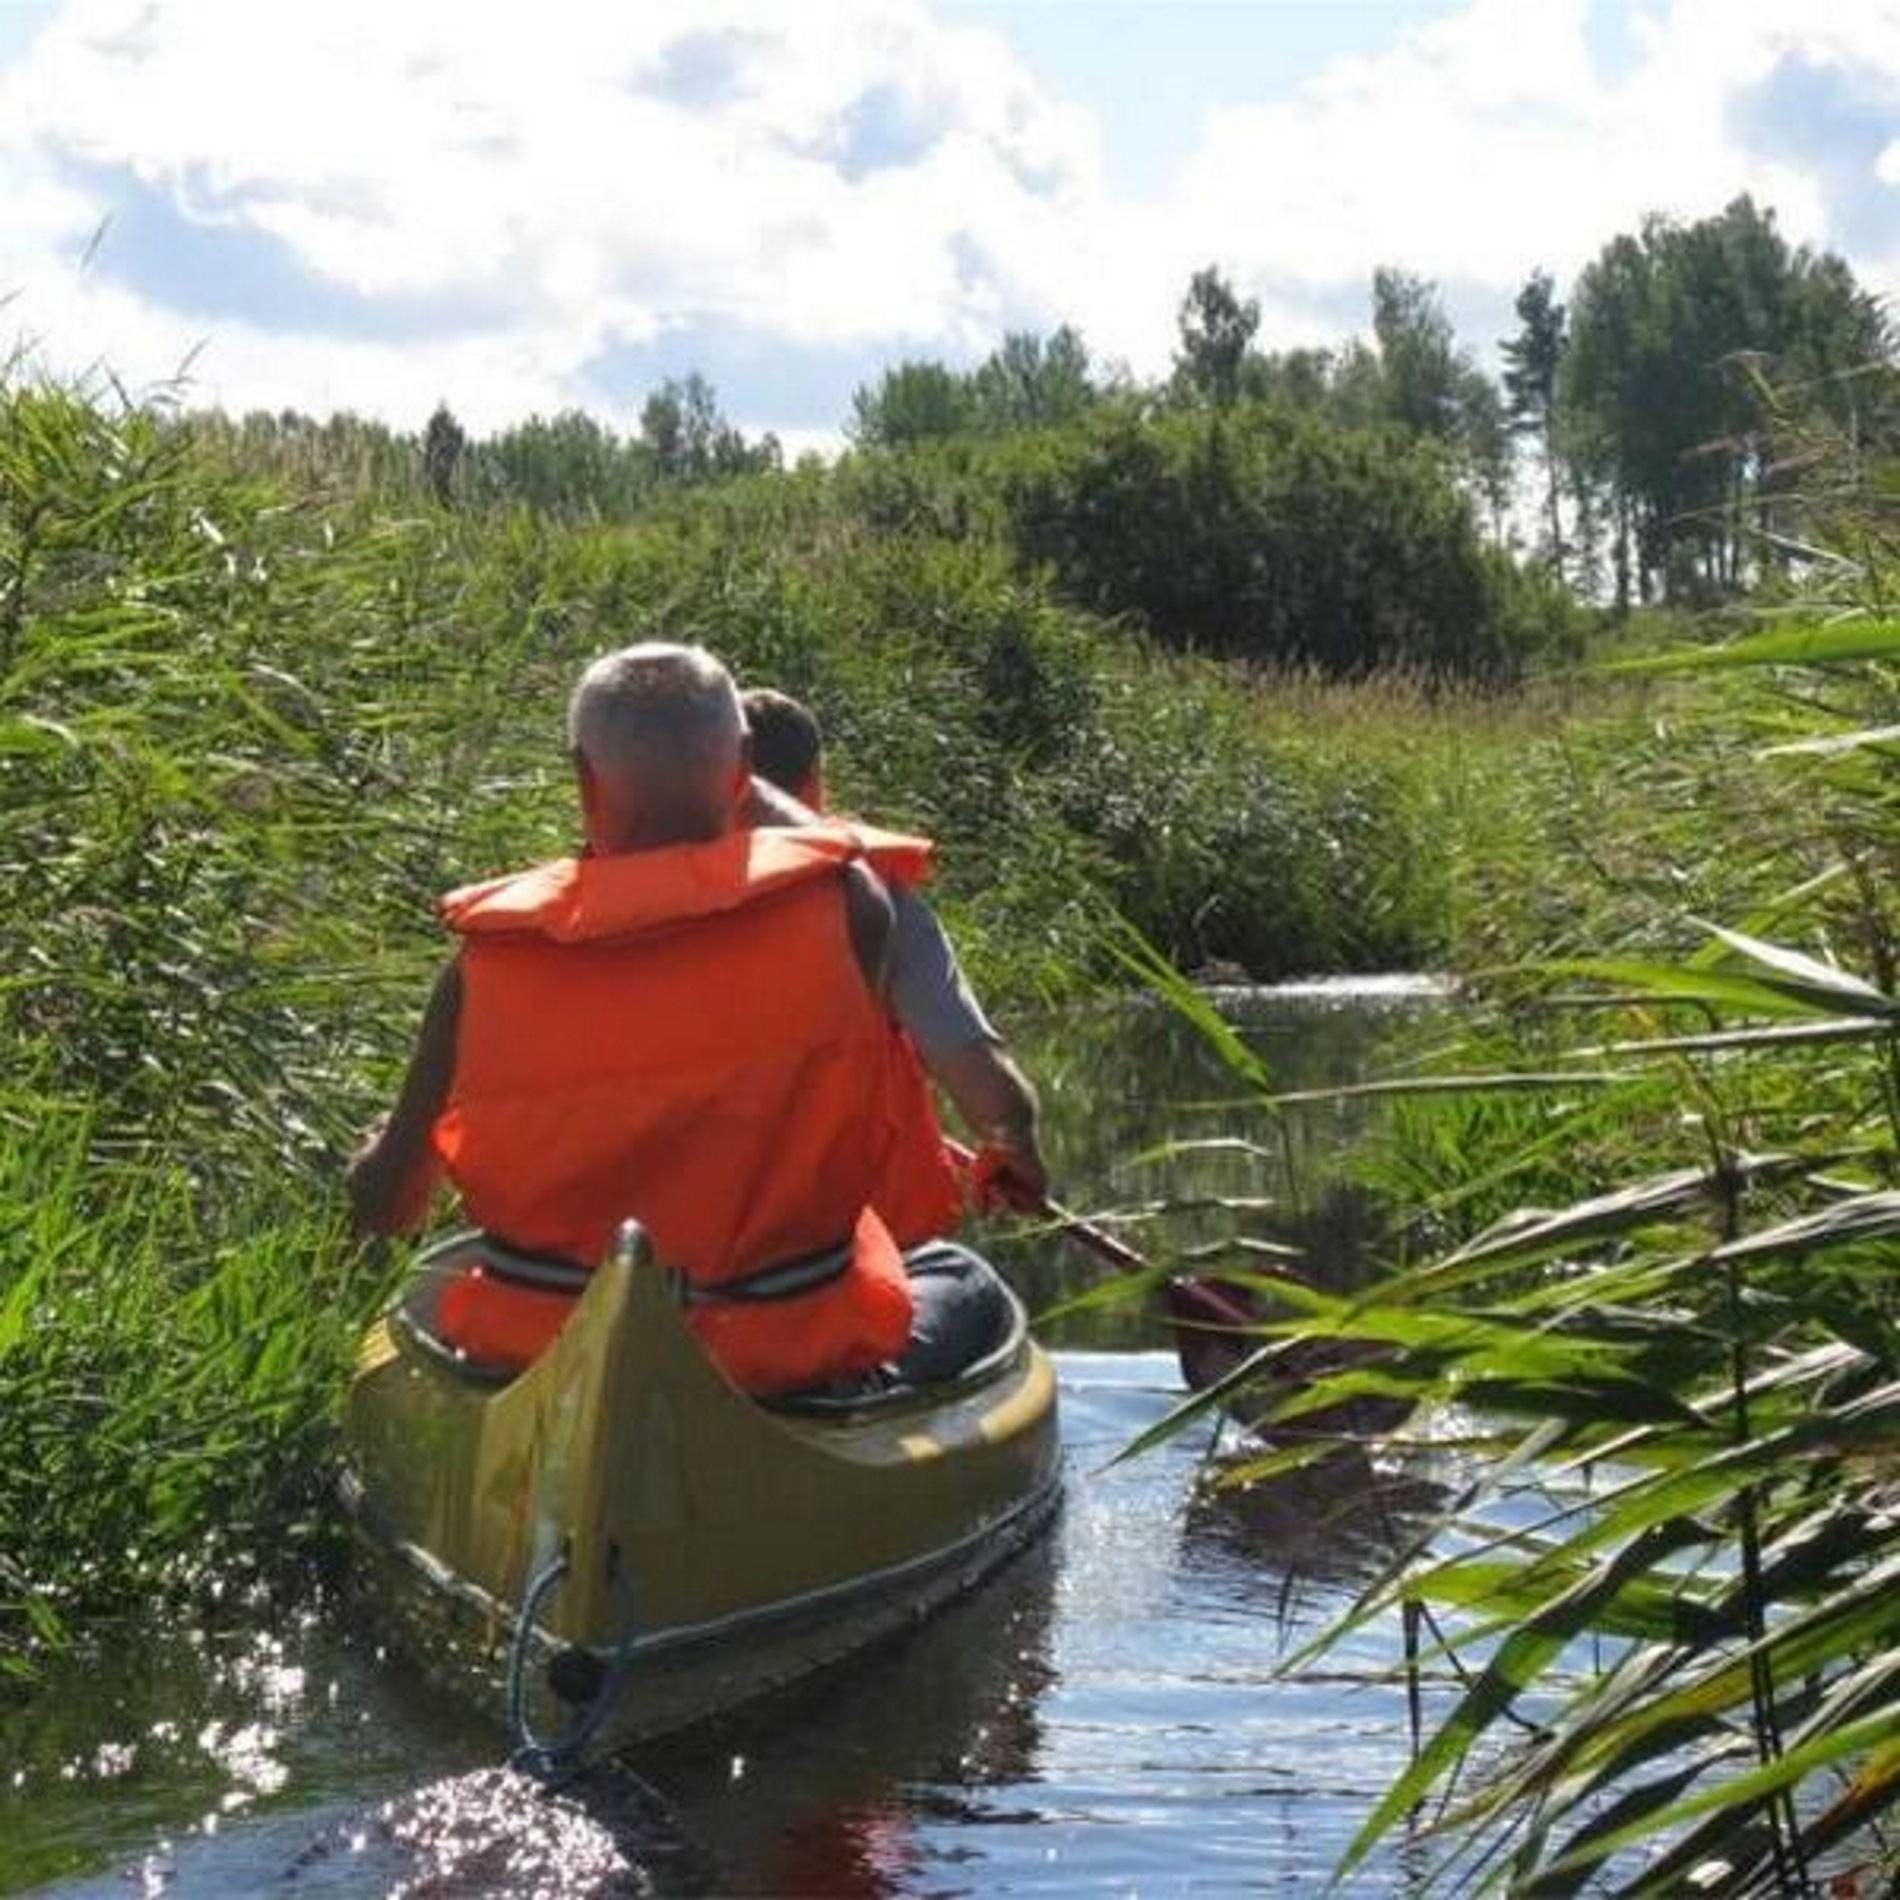 Kanot- & båtuthyrning på Falkuddens Camping & Stugby